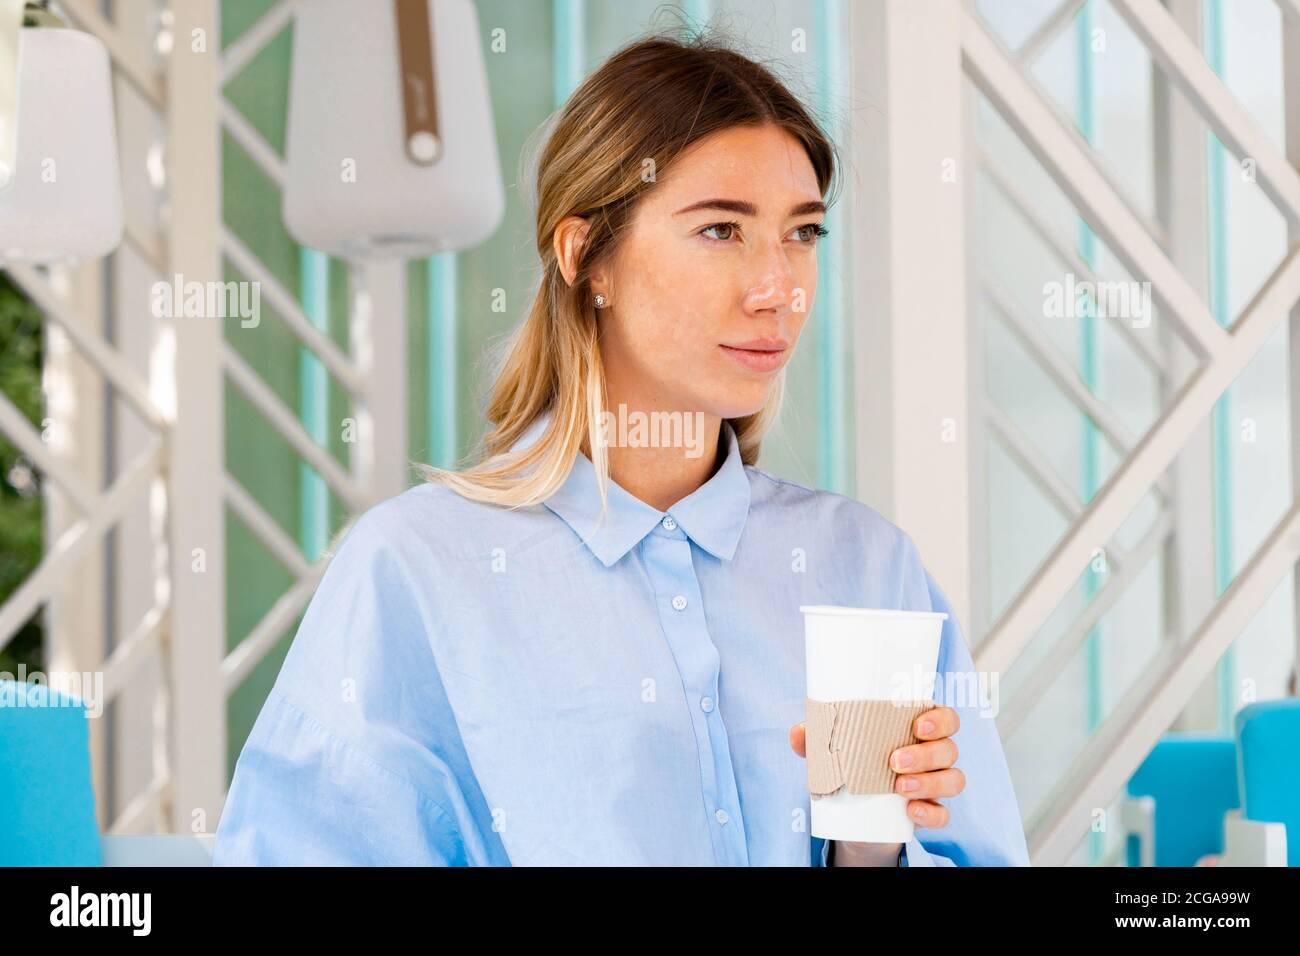 Belle femme buvant du café de café en carton recyclable Takeaway Cup au Street Cafe. Mug avec espace de copie. Espace vide. Banque D'Images